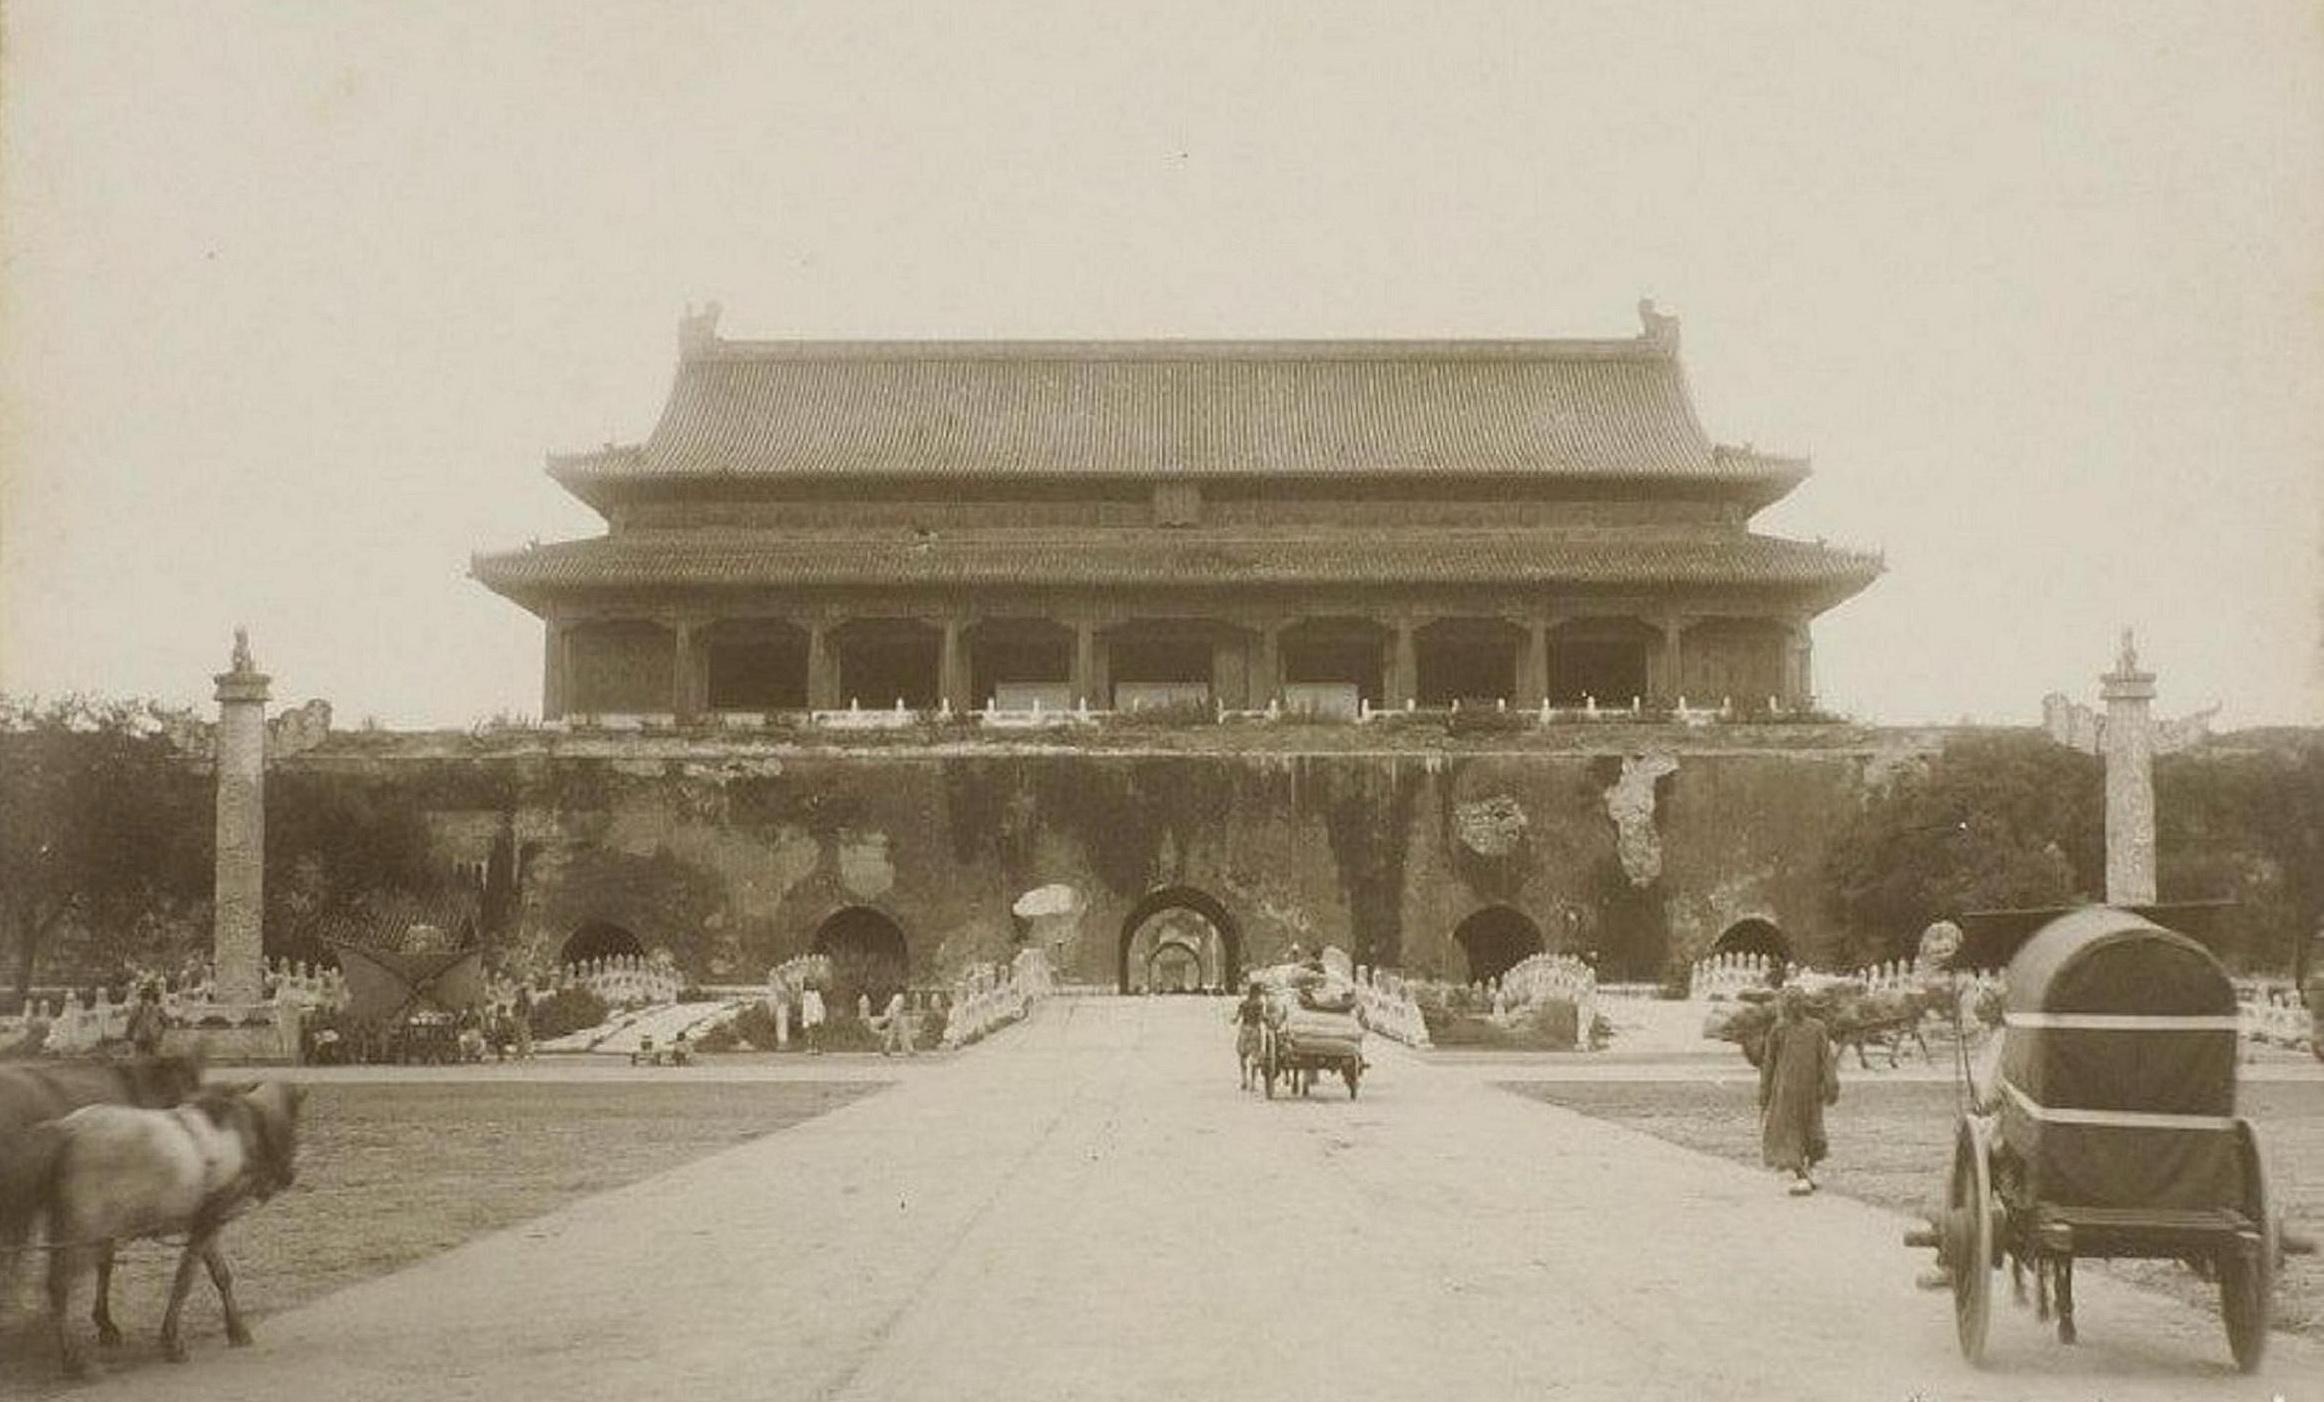 Ворота Тяньаньмэнь, старое фото, Китай